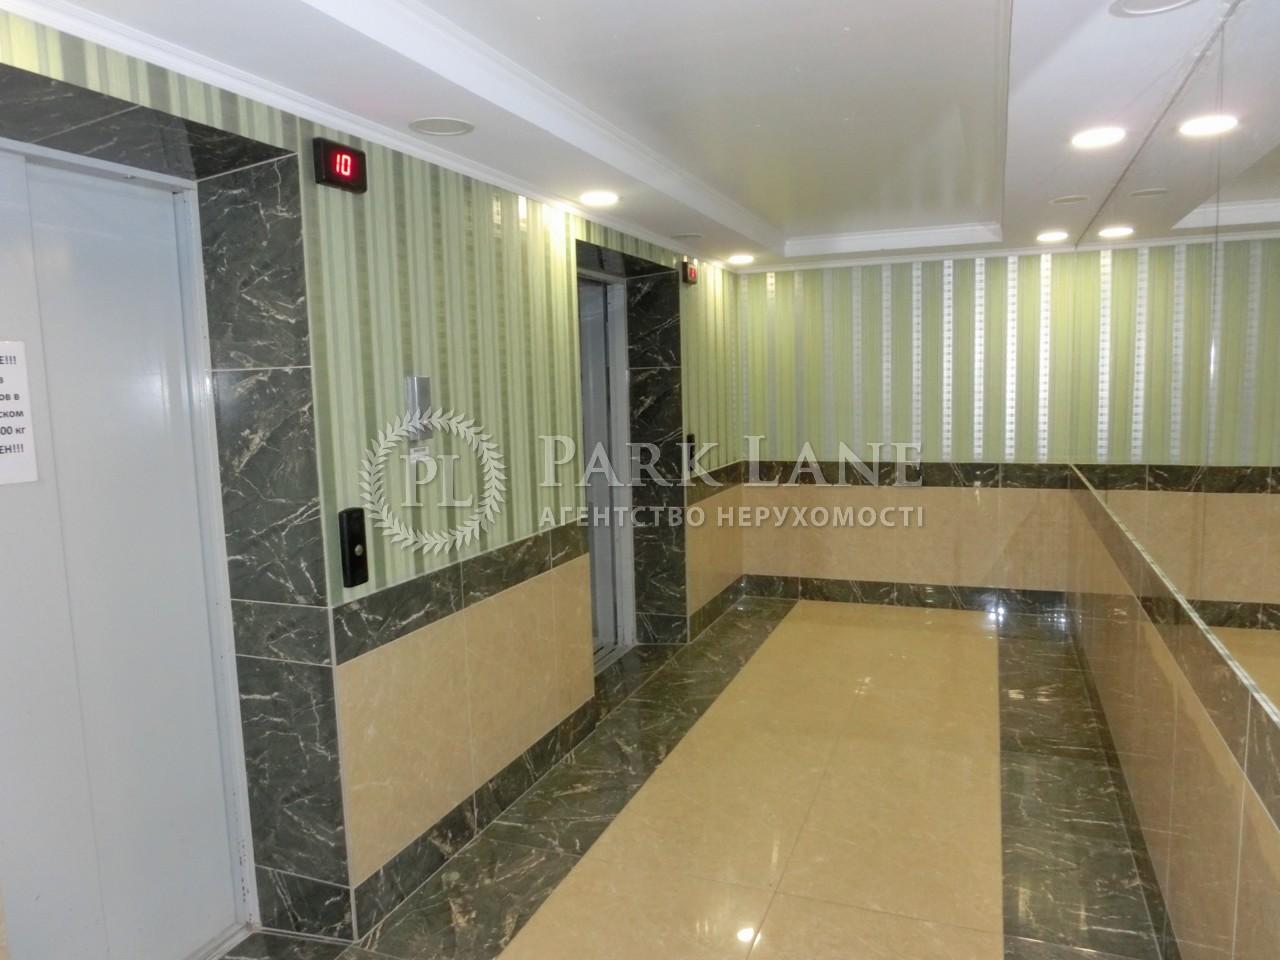 Нежитлове приміщення, B-92359, Вітянська, Вишневе (Києво-Святошинський) - Фото 14